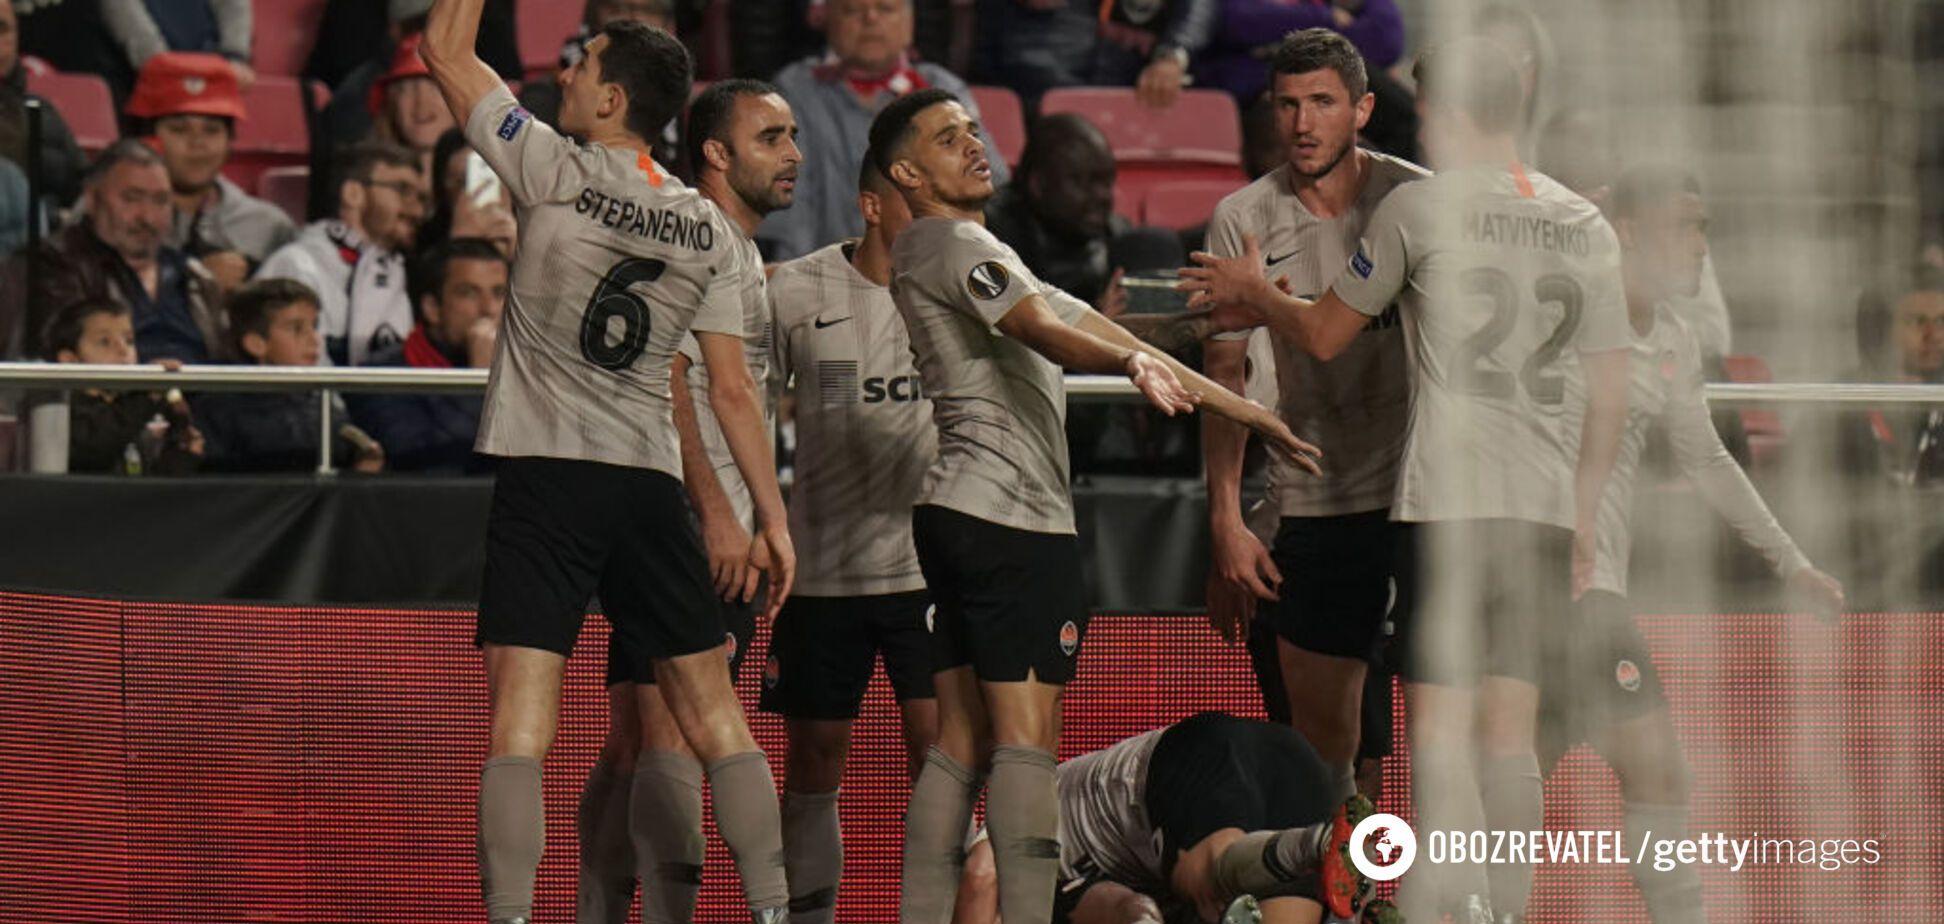 'Шахтер' празднует гол в ворота 'Бенфики' в 1/16 финала Лиги Европы